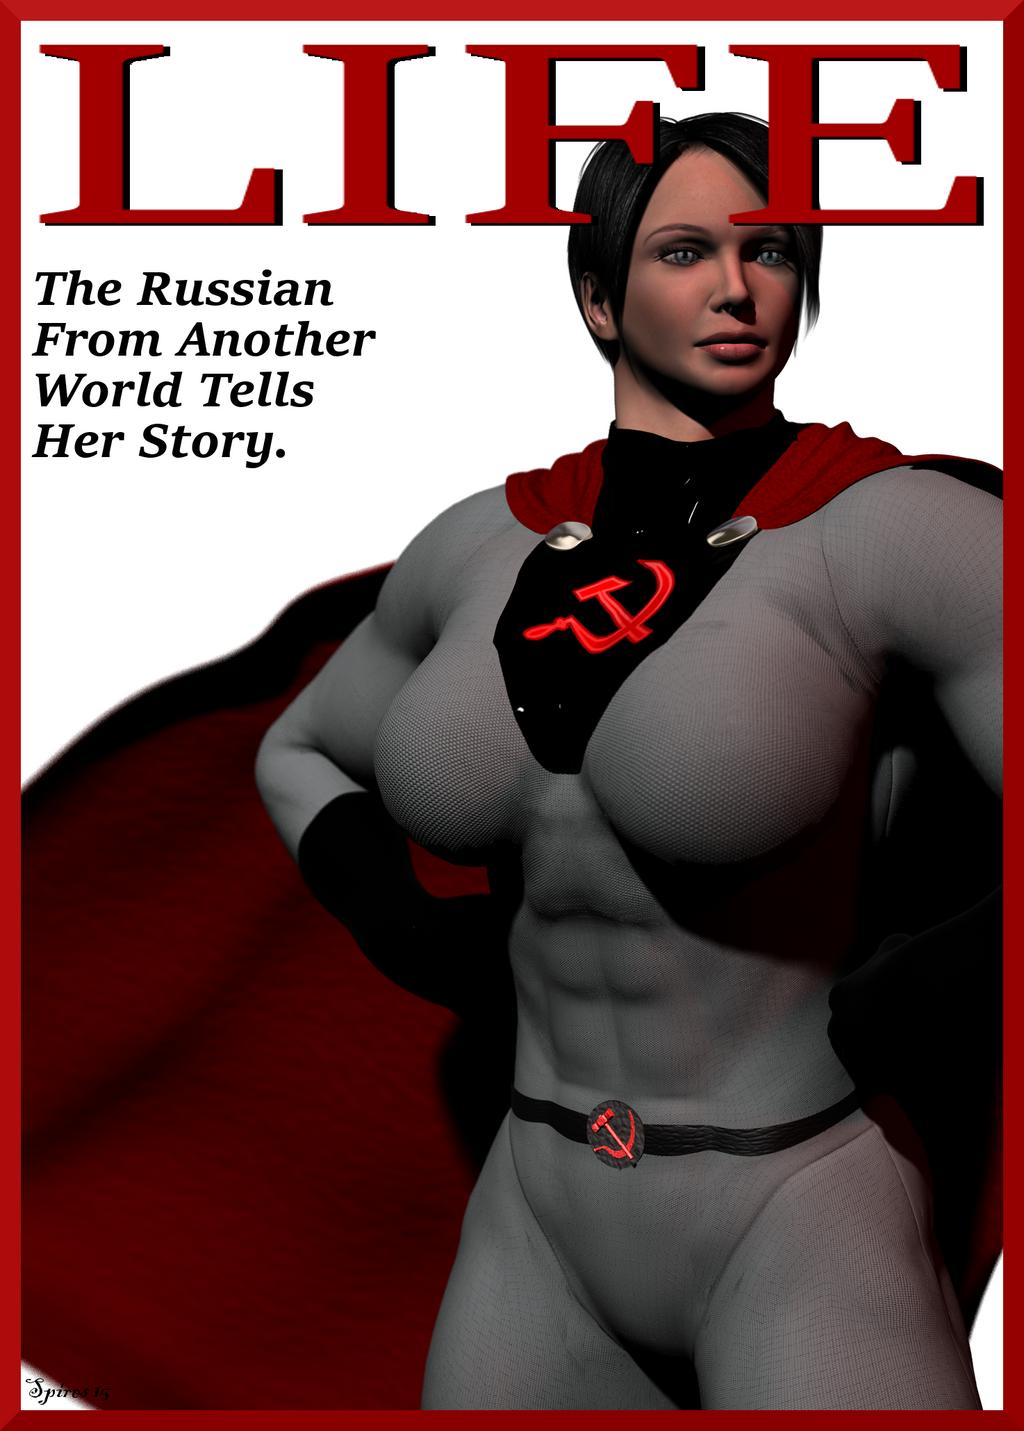 Soviet Superwoman: Life Mag by spiresrich on DeviantArt